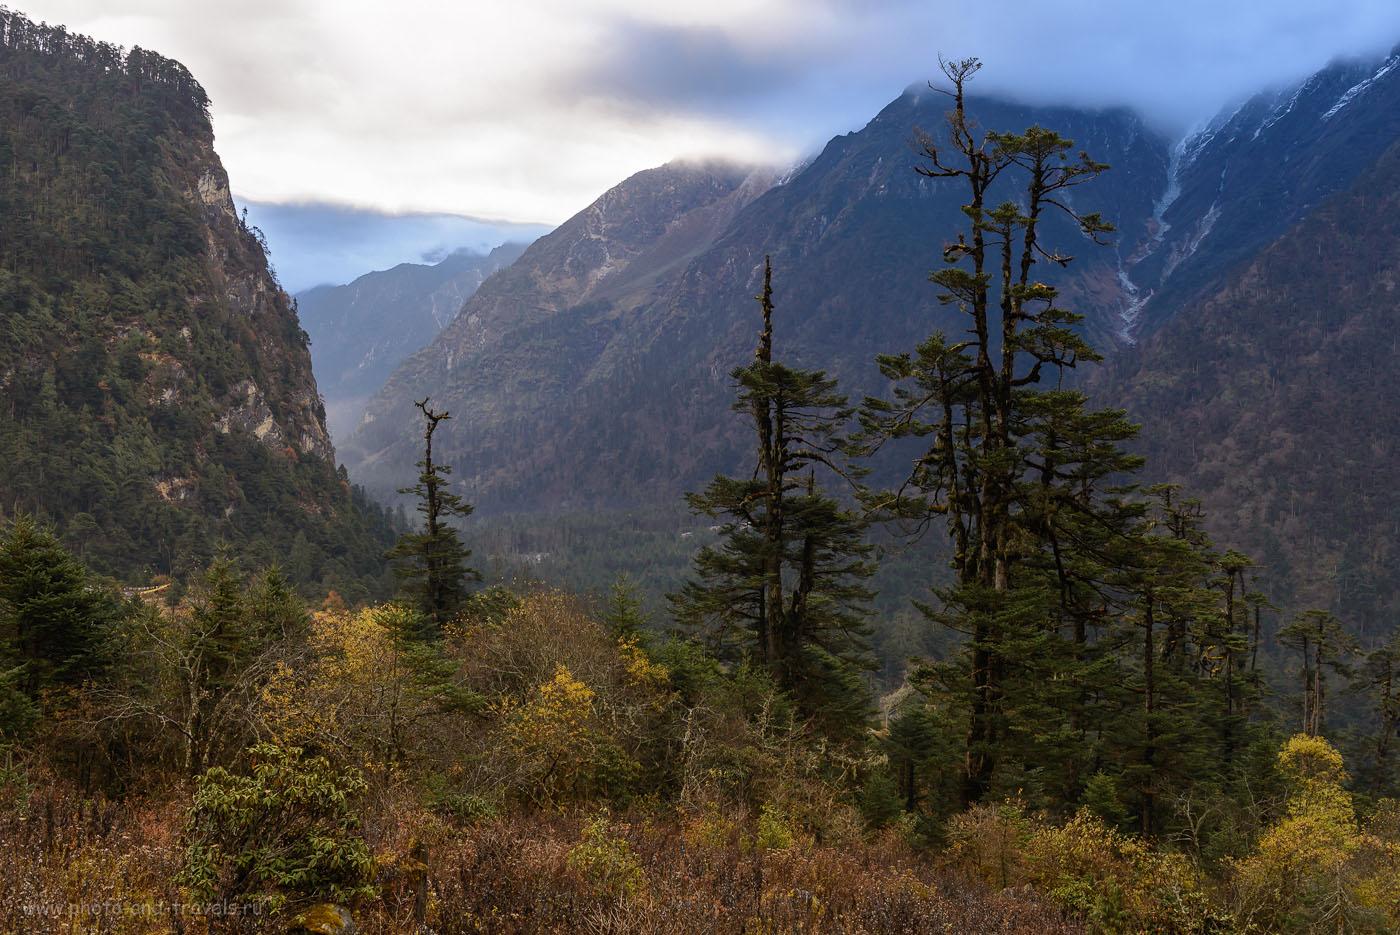 12. Согласитесь, так и тянет посмотреть, что там, в том ущелье? Отзыв о поездке в долину Yumthang Valley в штате Сикким в Индии. 8.0, 1/25, 100, -2.0 EV, 36.